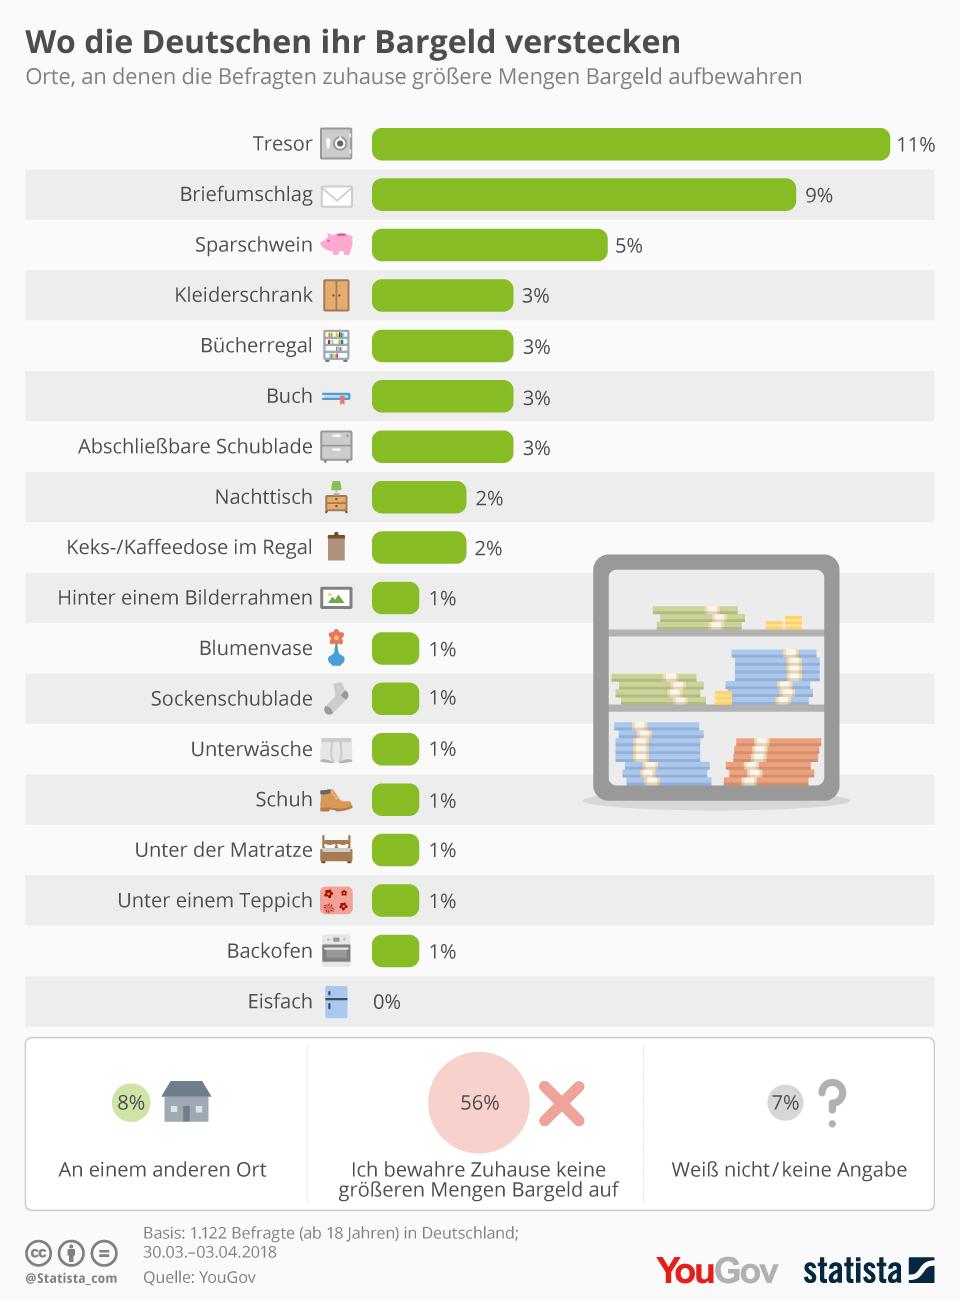 Infografik: Wo die Deutschen ihr Bargeld verstecken | Statista